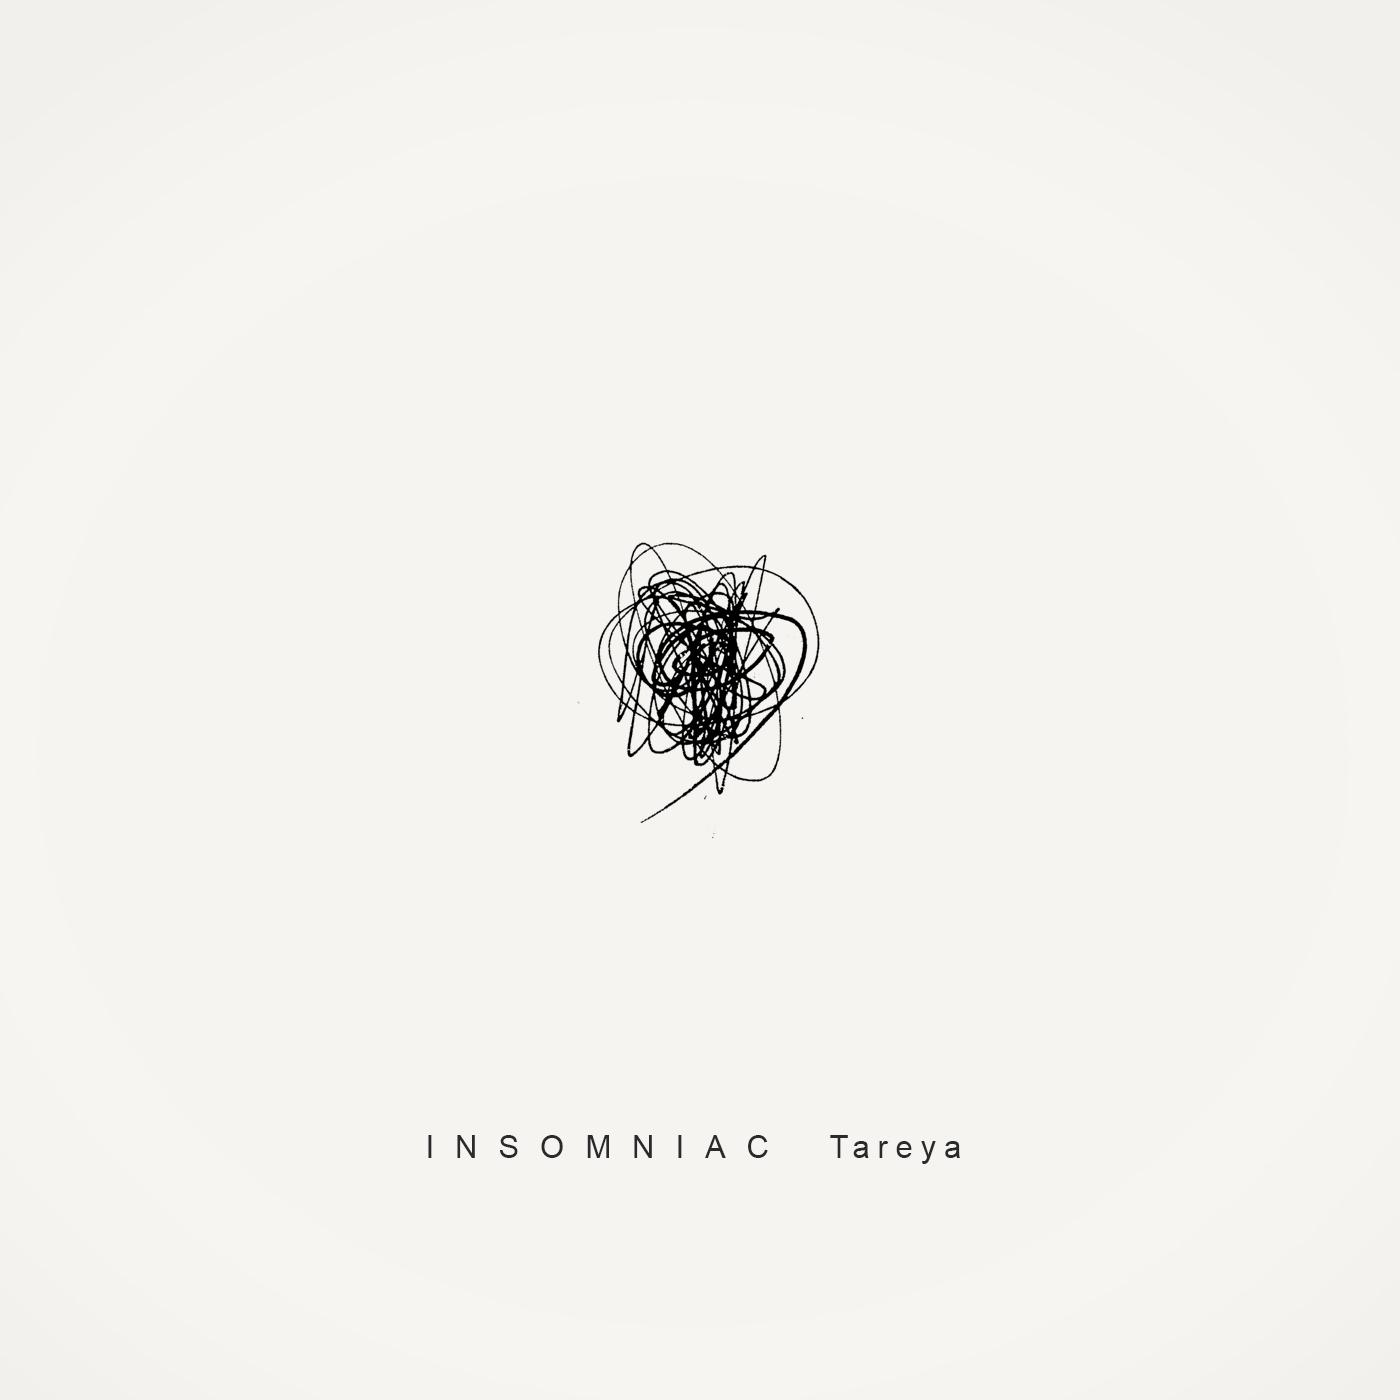 TAREYA_INSOMNIAC_ARTWORK.jpg